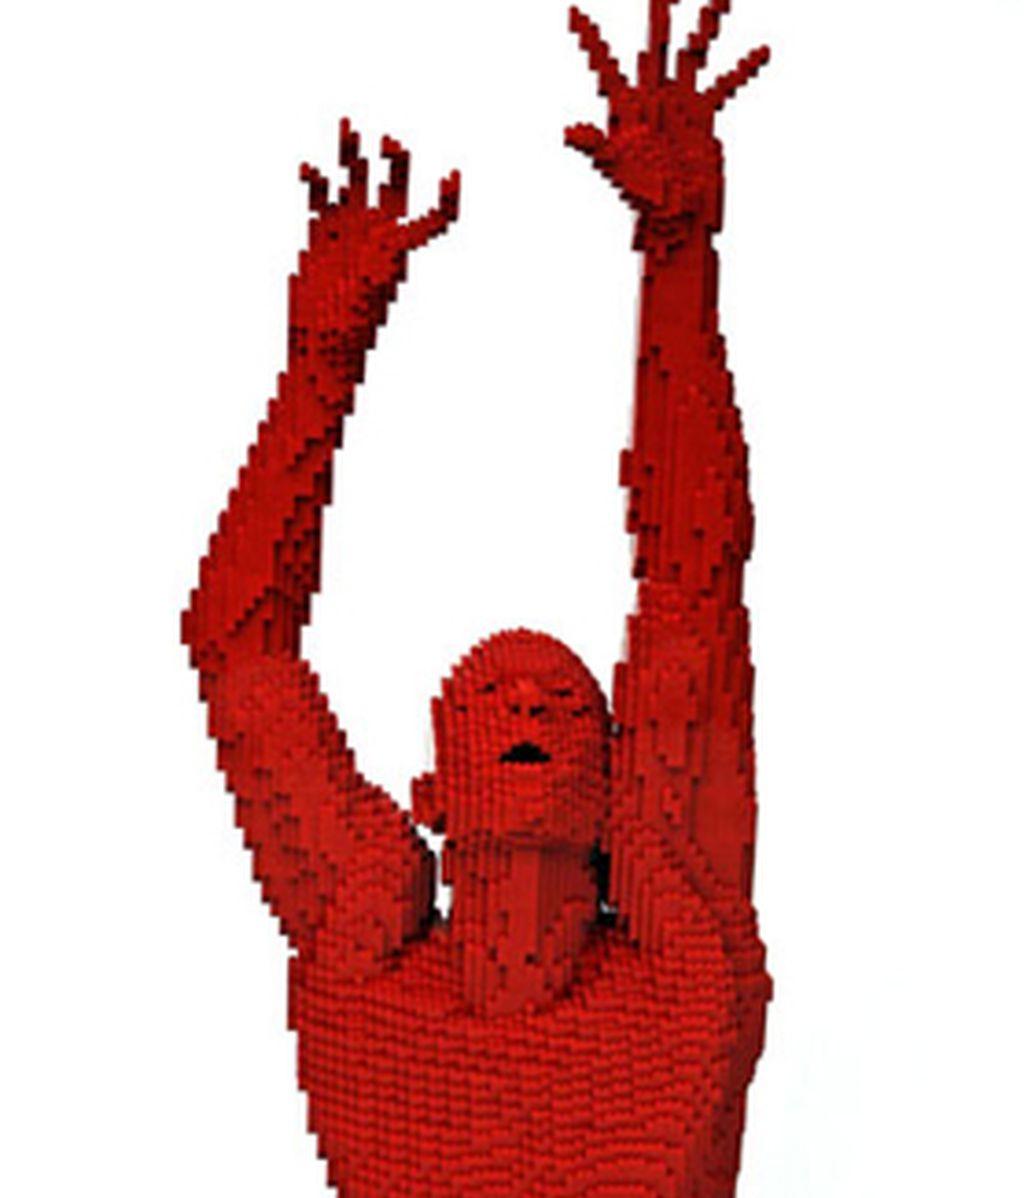 Nathan Sawaya consigue fabricar en Lego figuras de gran realismo